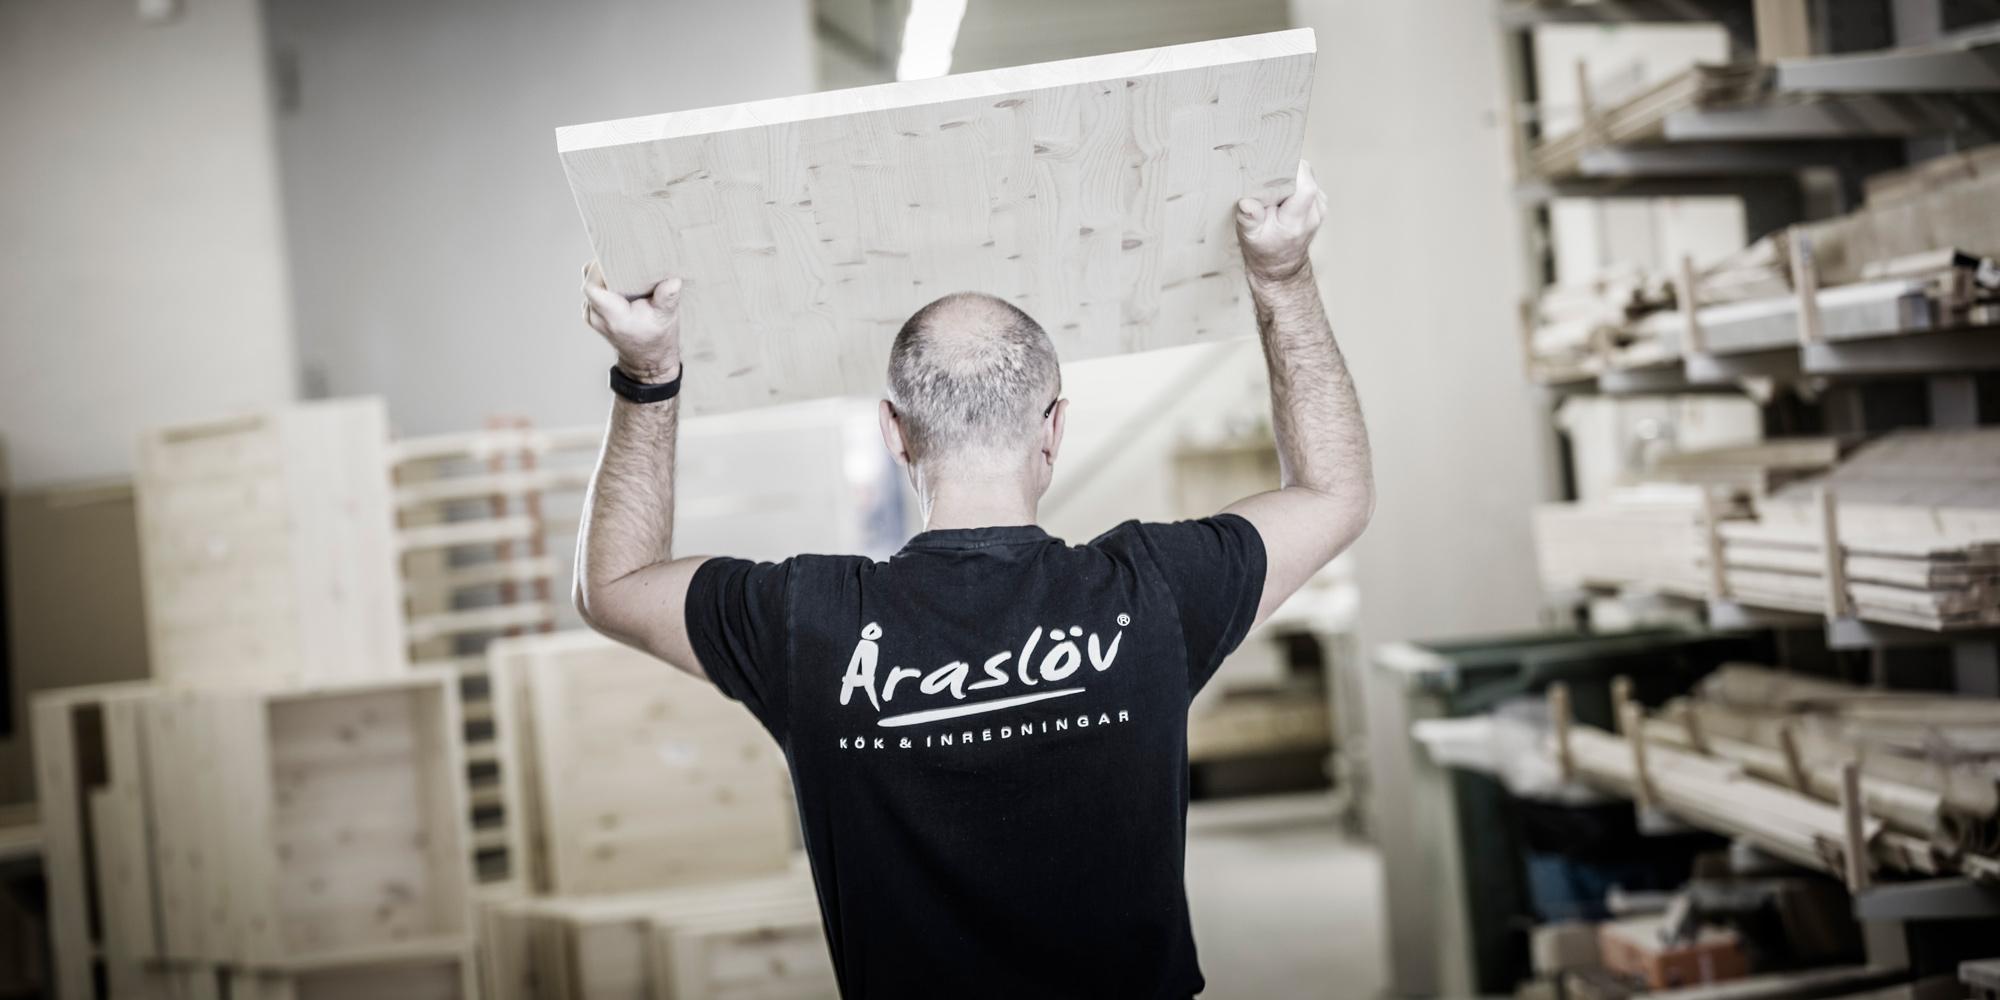 araslov-snickerier-171006-5705